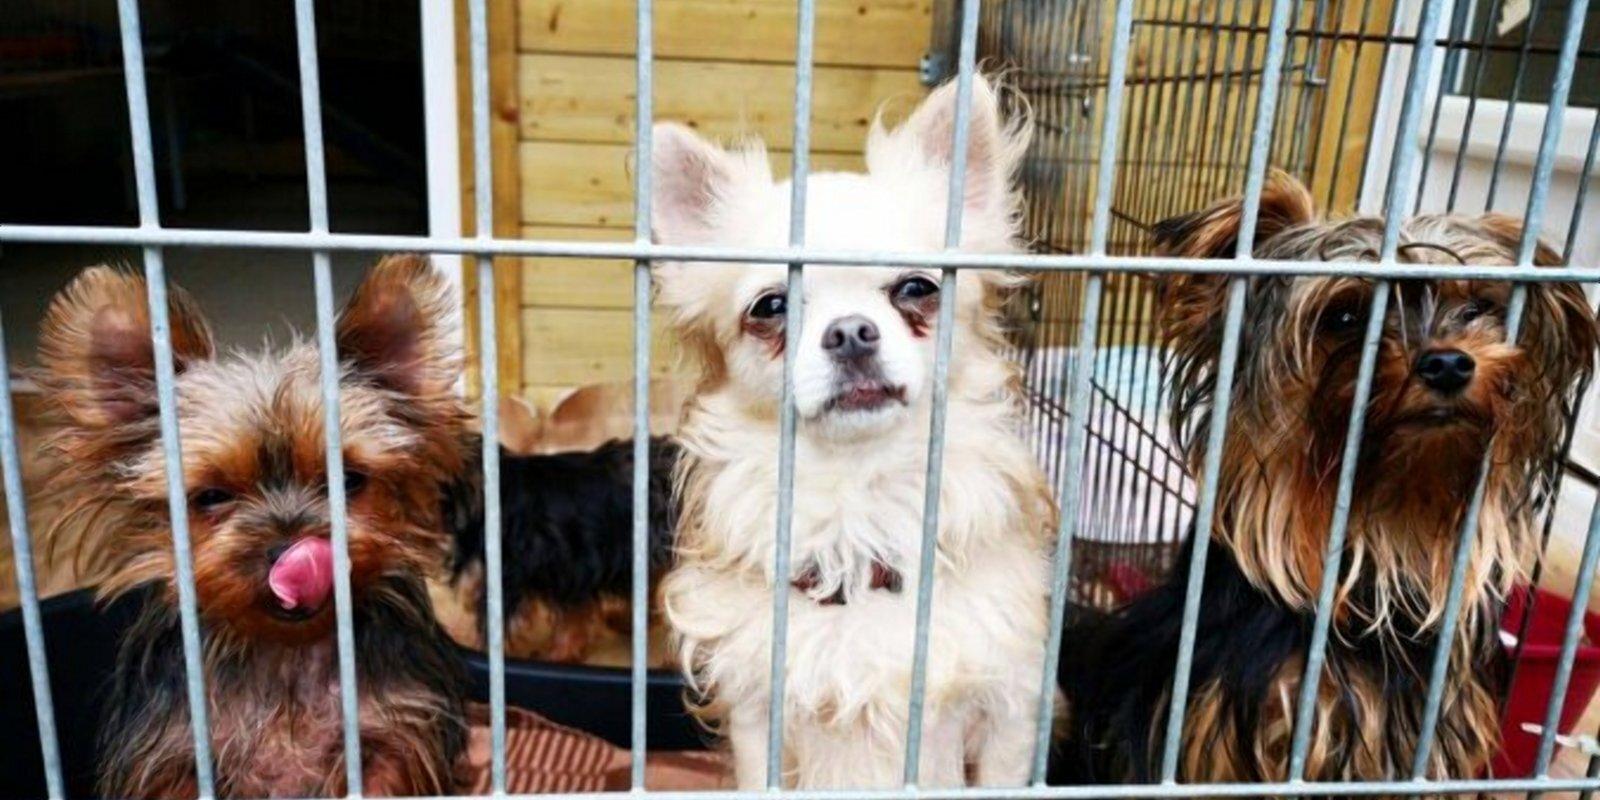 """Дело о """"собачьем концлагере"""": с хозяйки 58 собак хотят взыскать 29 000 евро"""